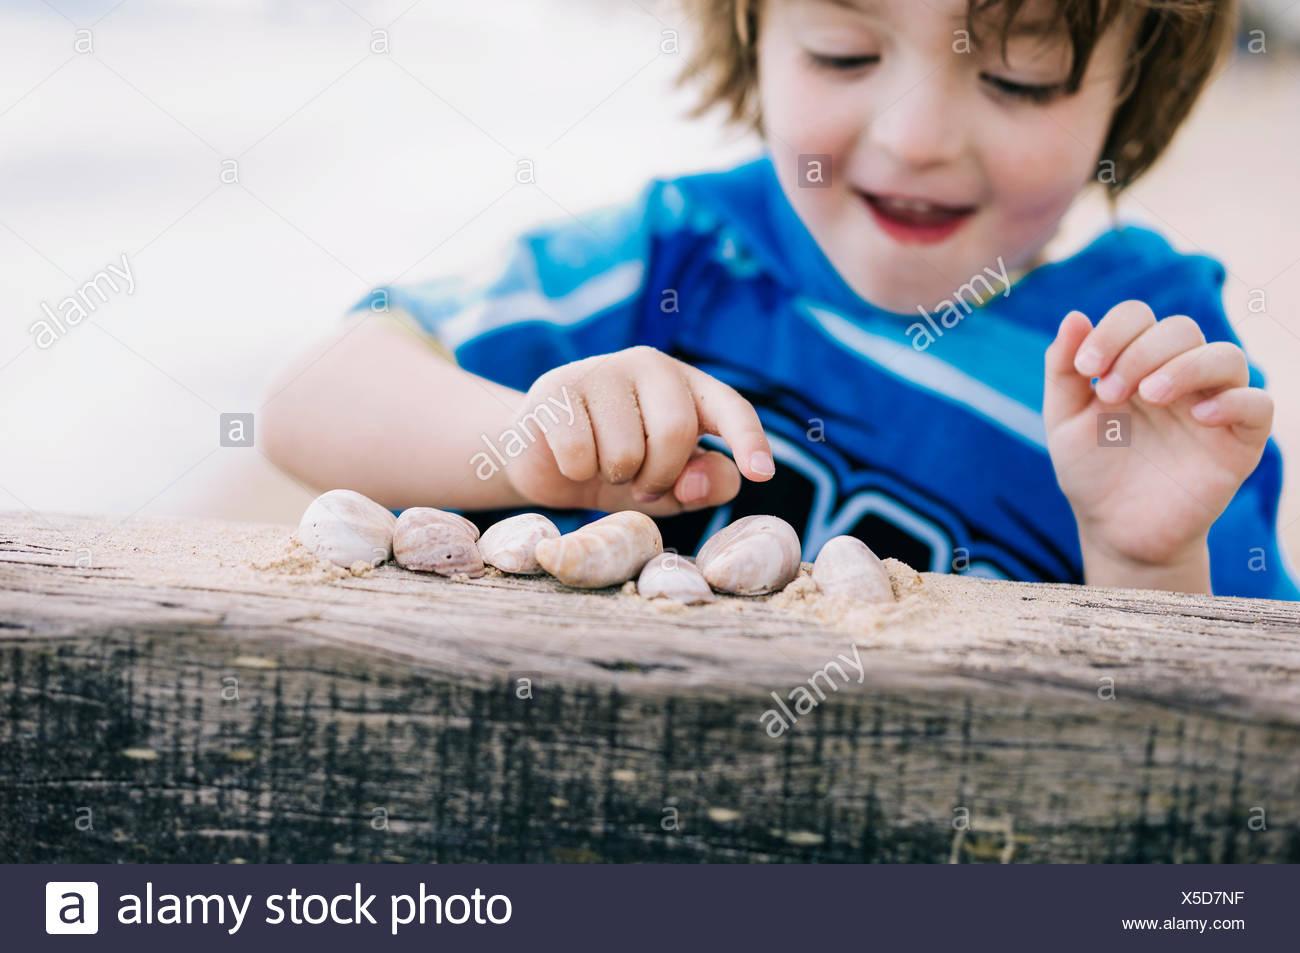 Un garçon à la plage en comptant les réservoirs alignés sur un brise-lames. Photo Stock